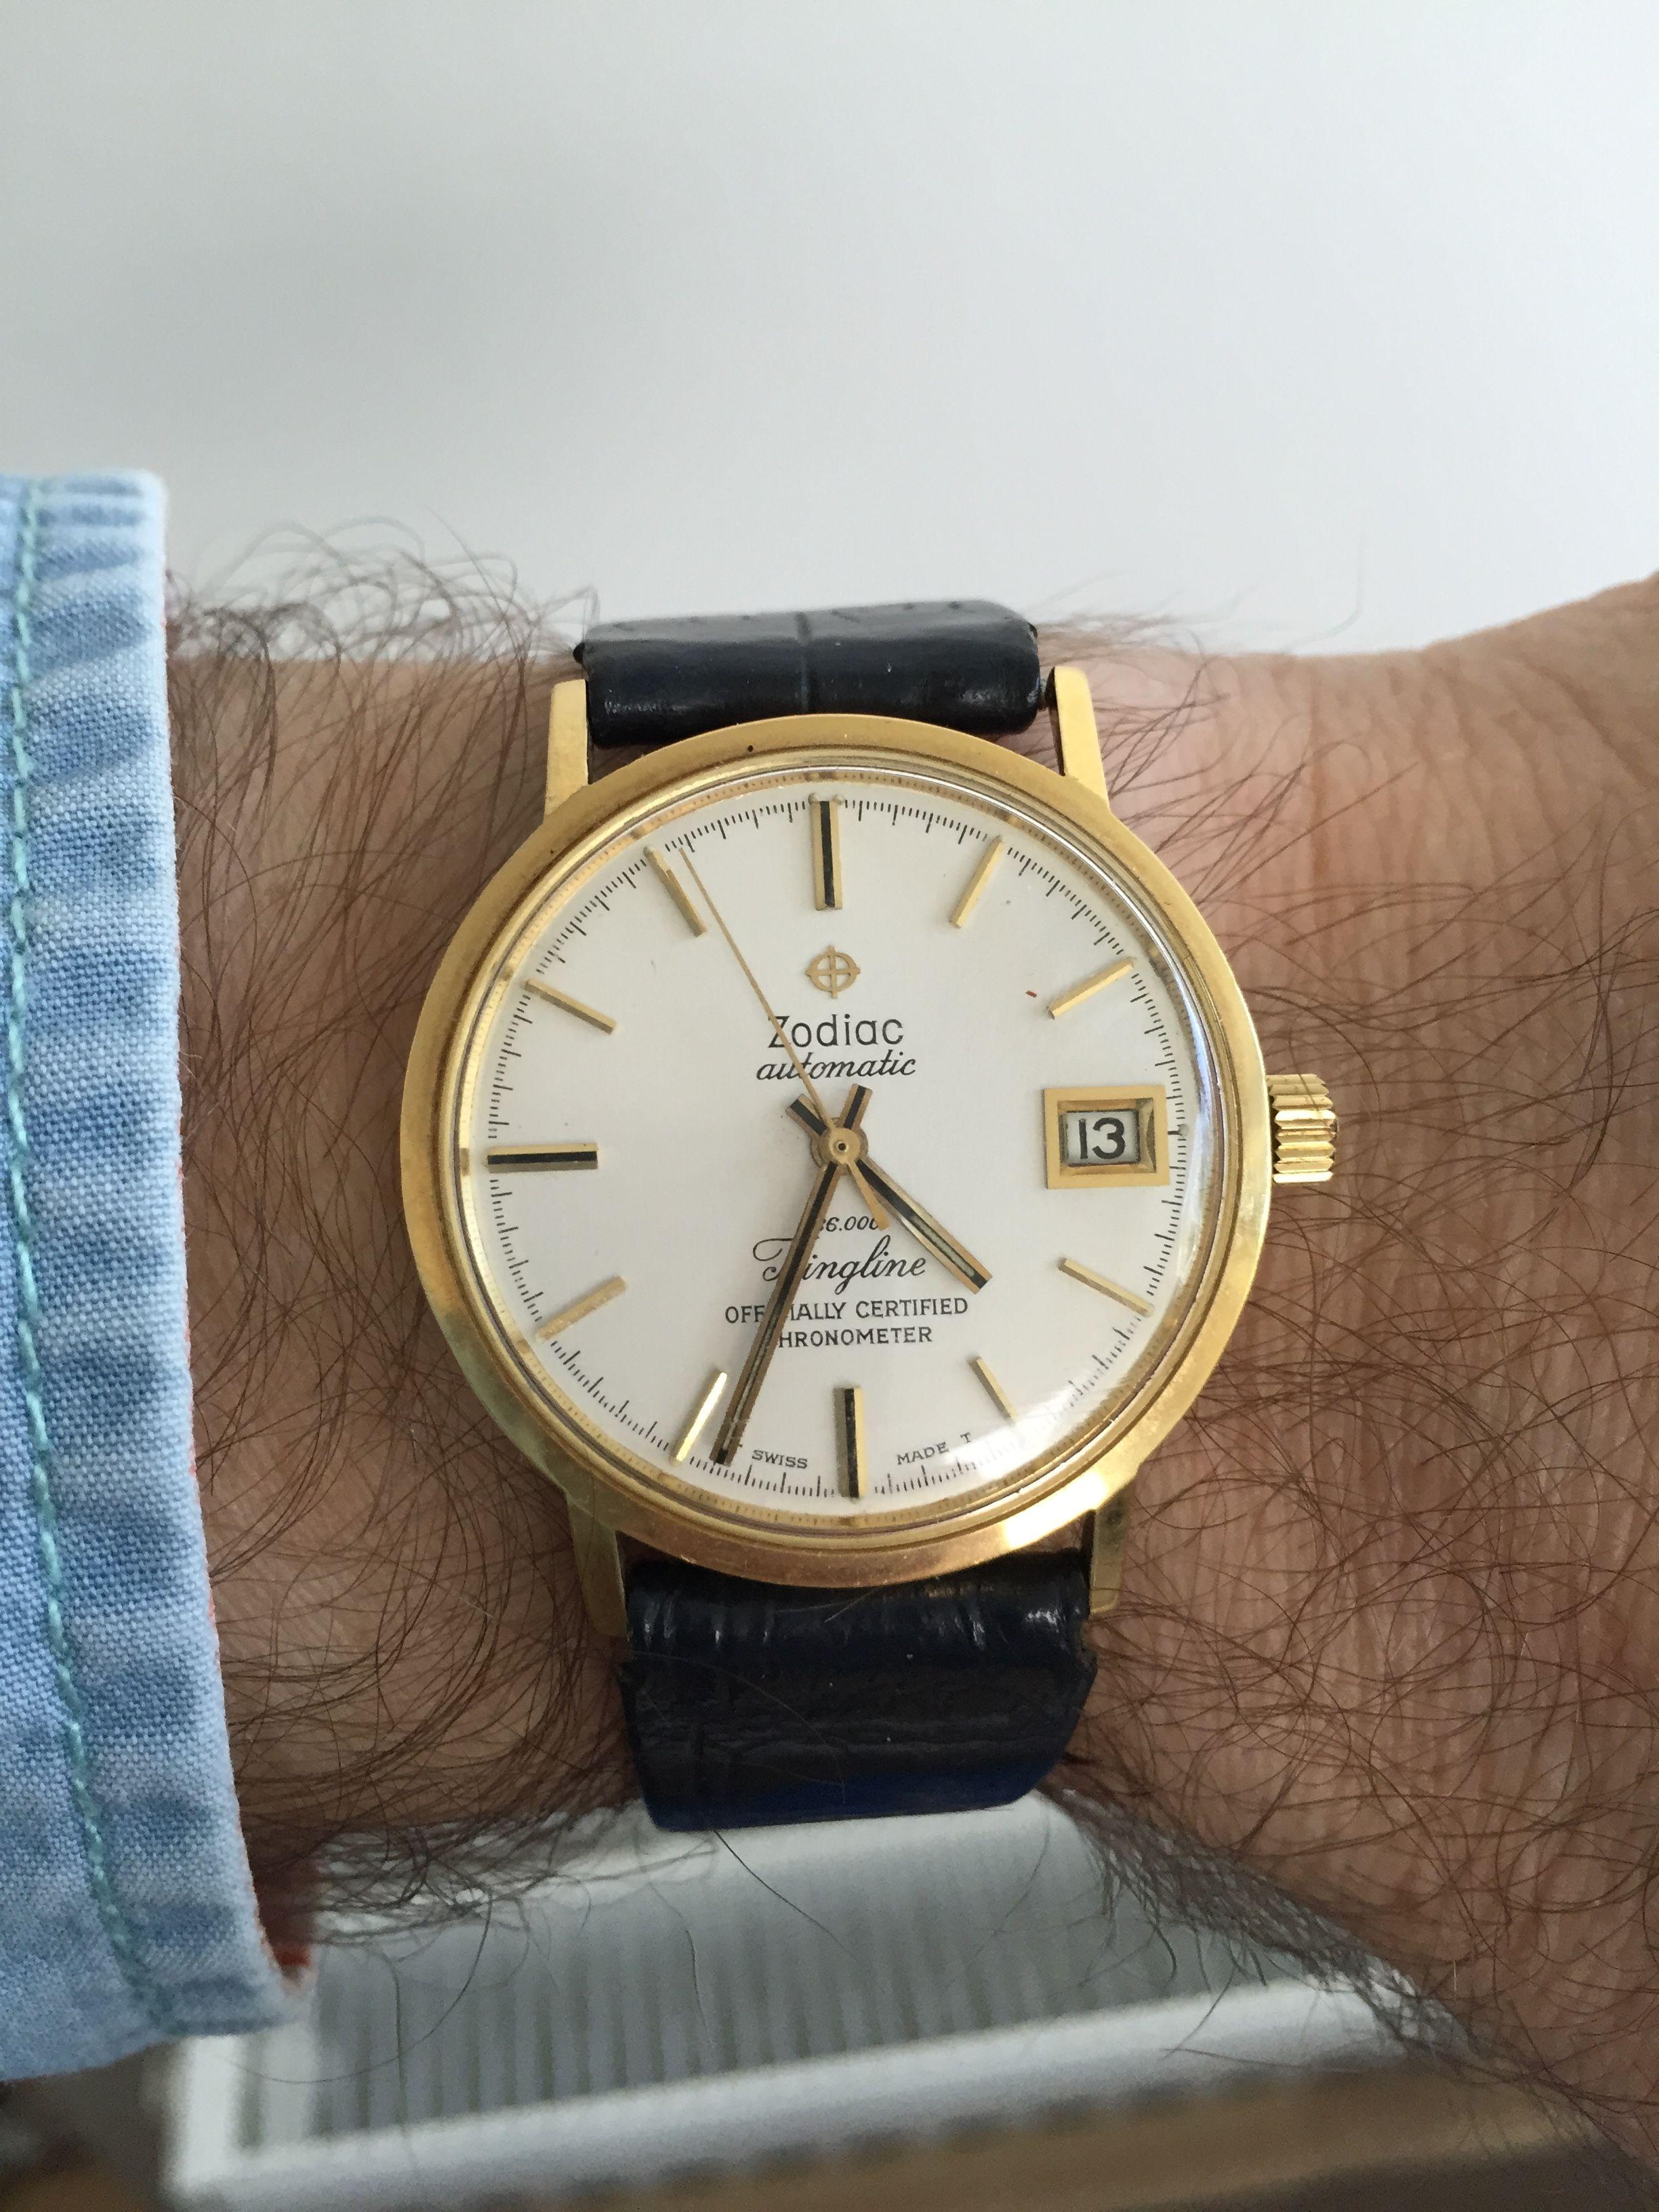 Mit festur: Zodiac Kingline chronometer. Dette var onkel Svends ur, som min morfar forærede mig da jeg var cirka 14 år. Svend var min morfars bror og morfar havde arvet uret. Min far (som var eneforhandler af Zodiac i Danmark) fik sat uret i stand for mig.